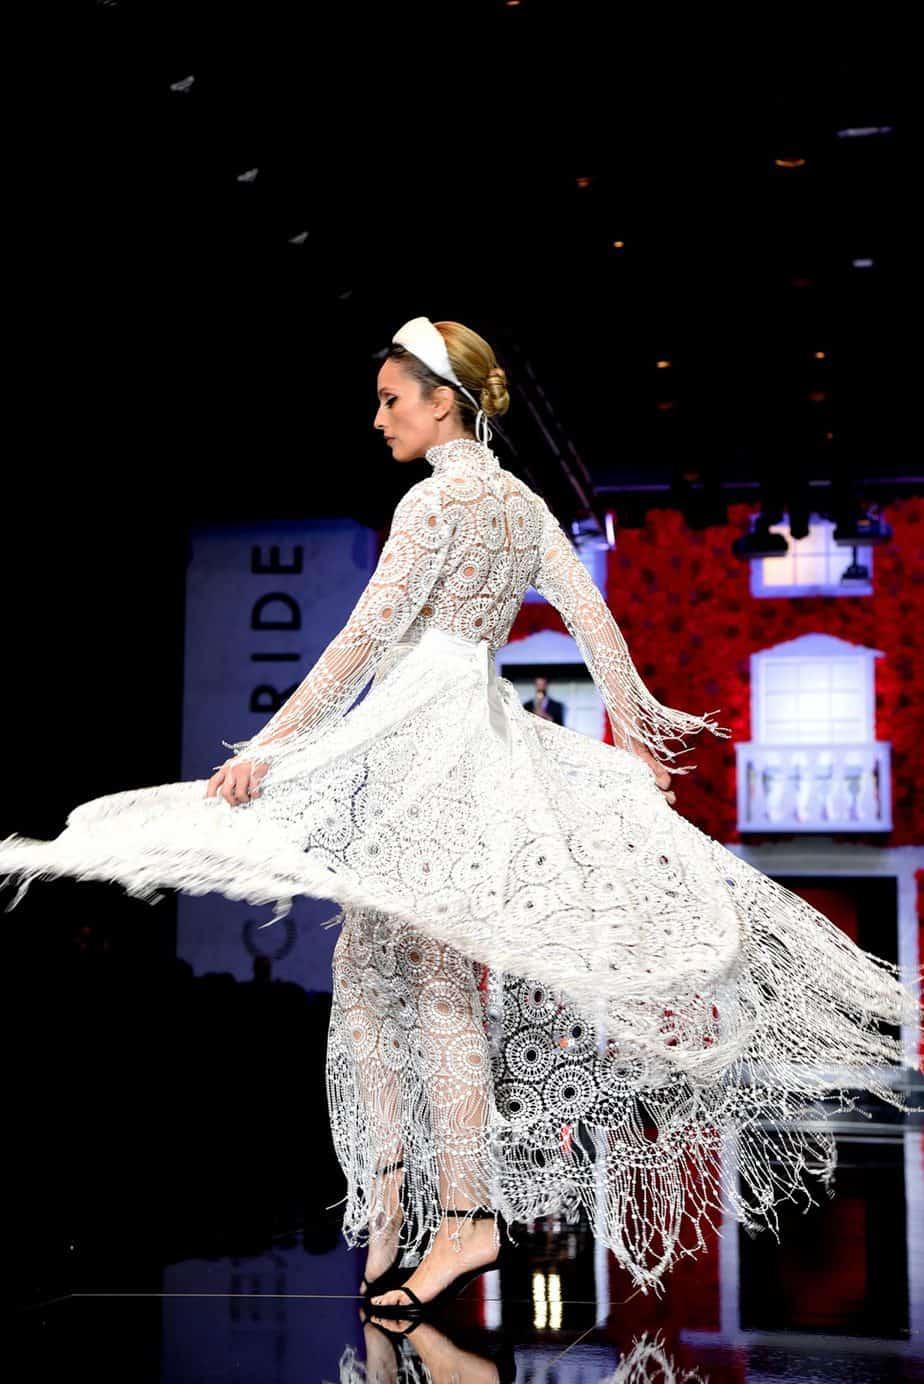 מלי לוי. שמלת כלה - עידן לרוס. צילום: לימור יערי